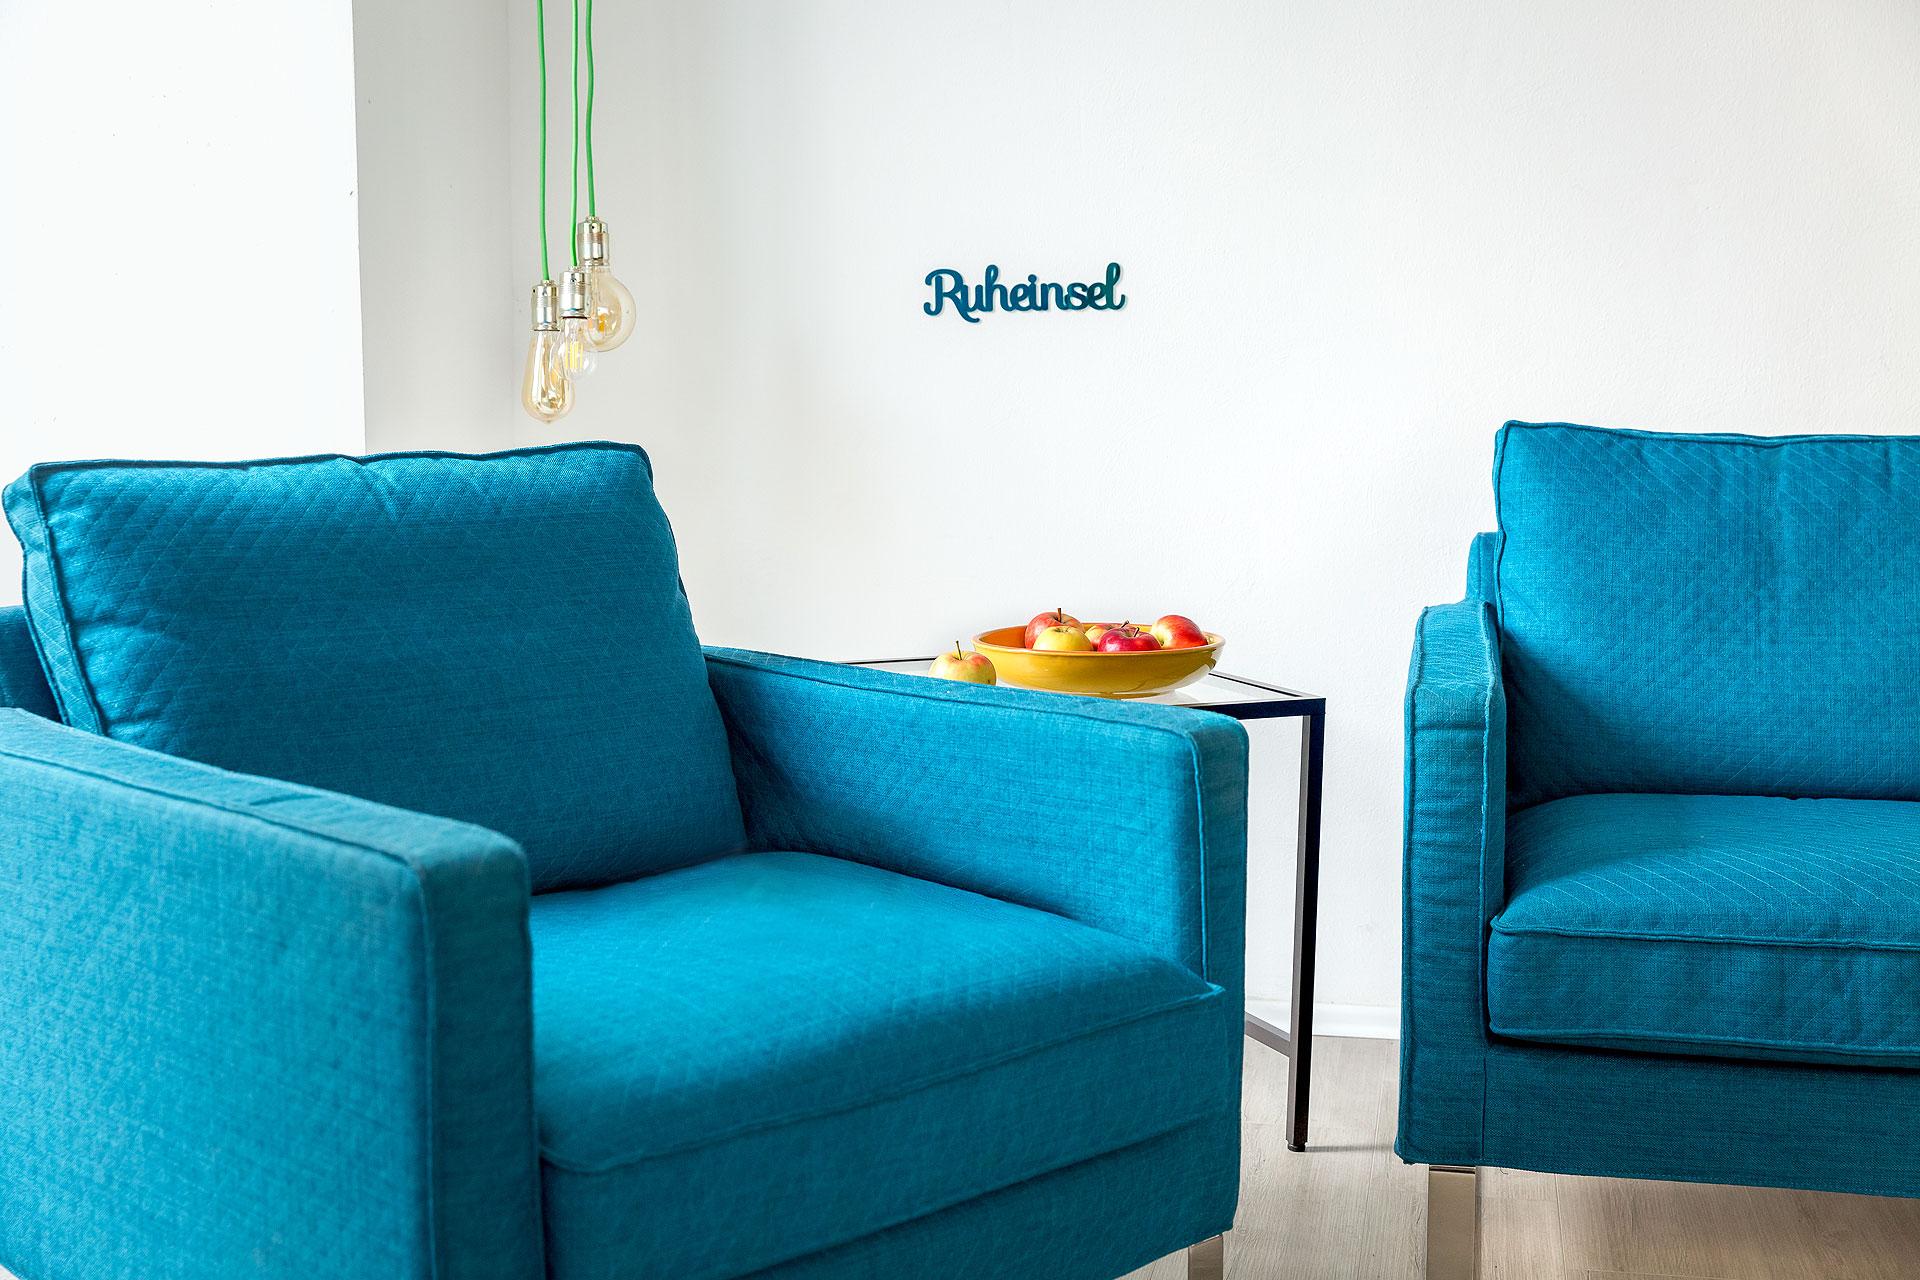 sitzecke-zur-besprechung-von-businessfotos